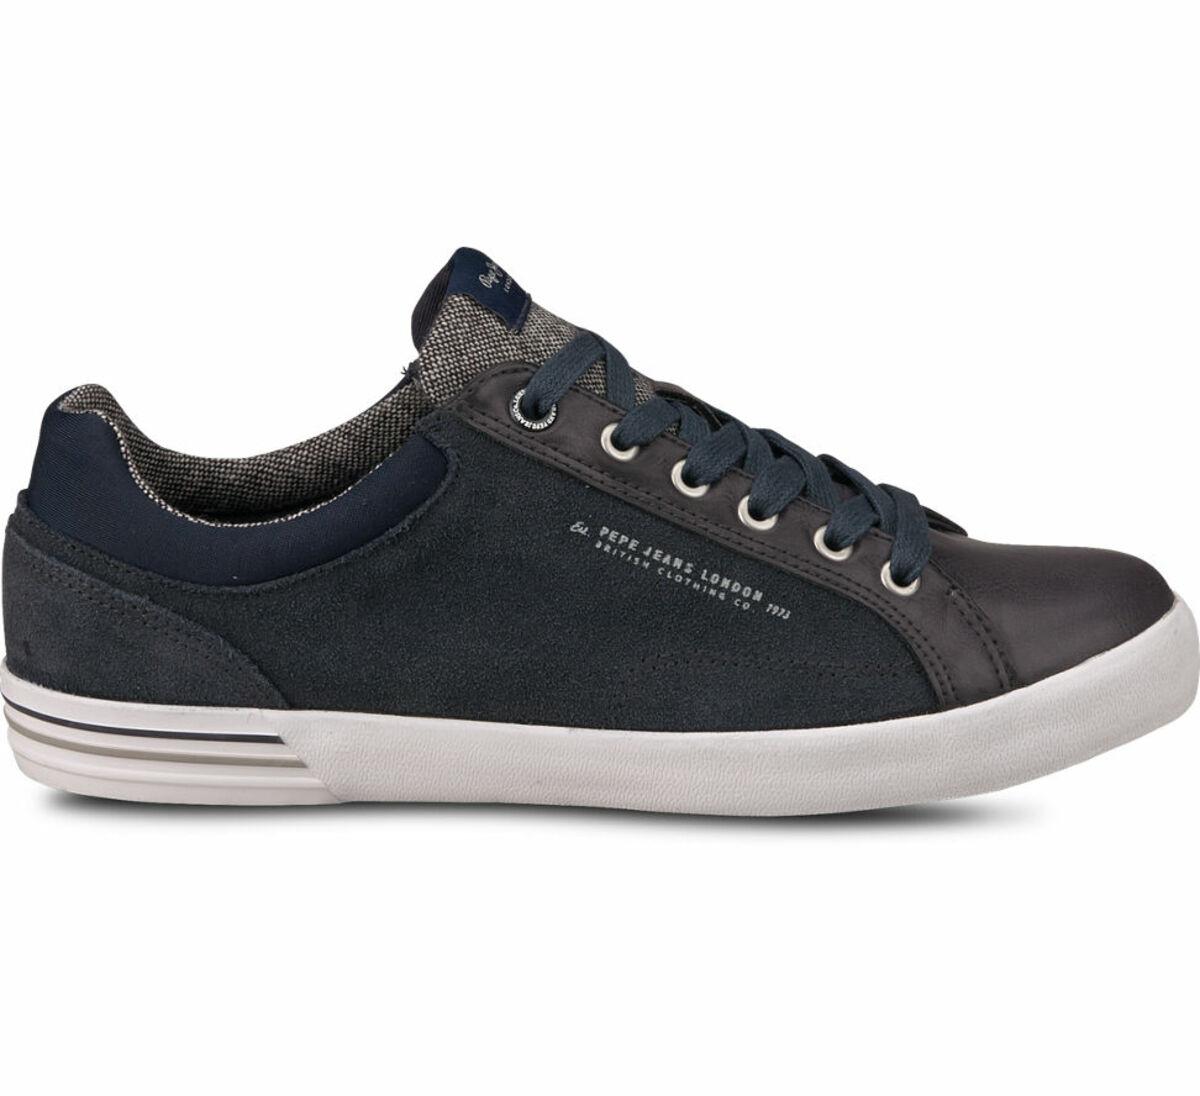 Bild 3 von Pepe Jeans Sneaker - NORTH MIX